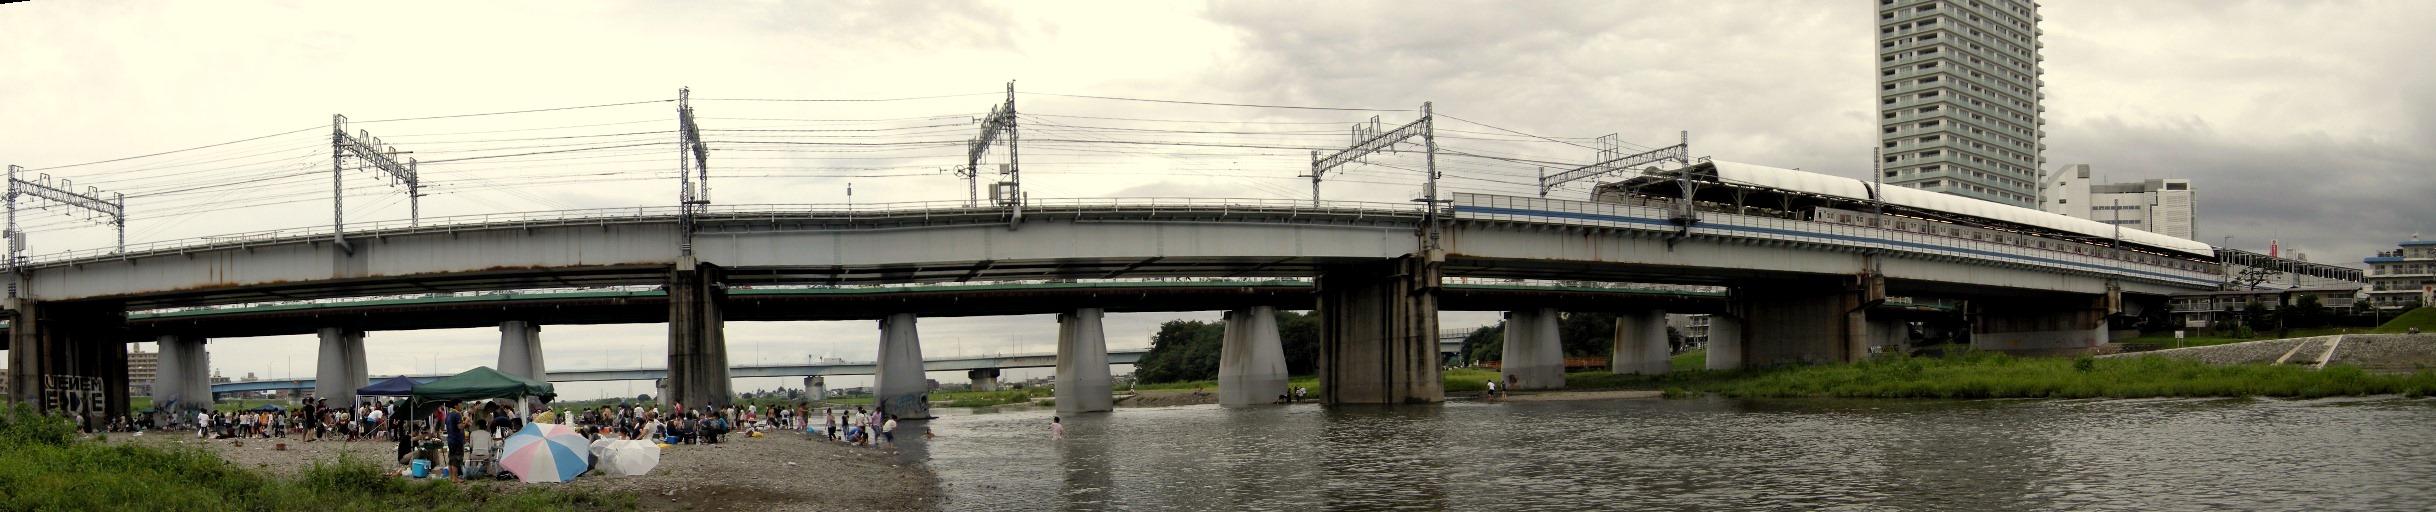 Bridge over the Tamagawa River at Futoko Tamagawa